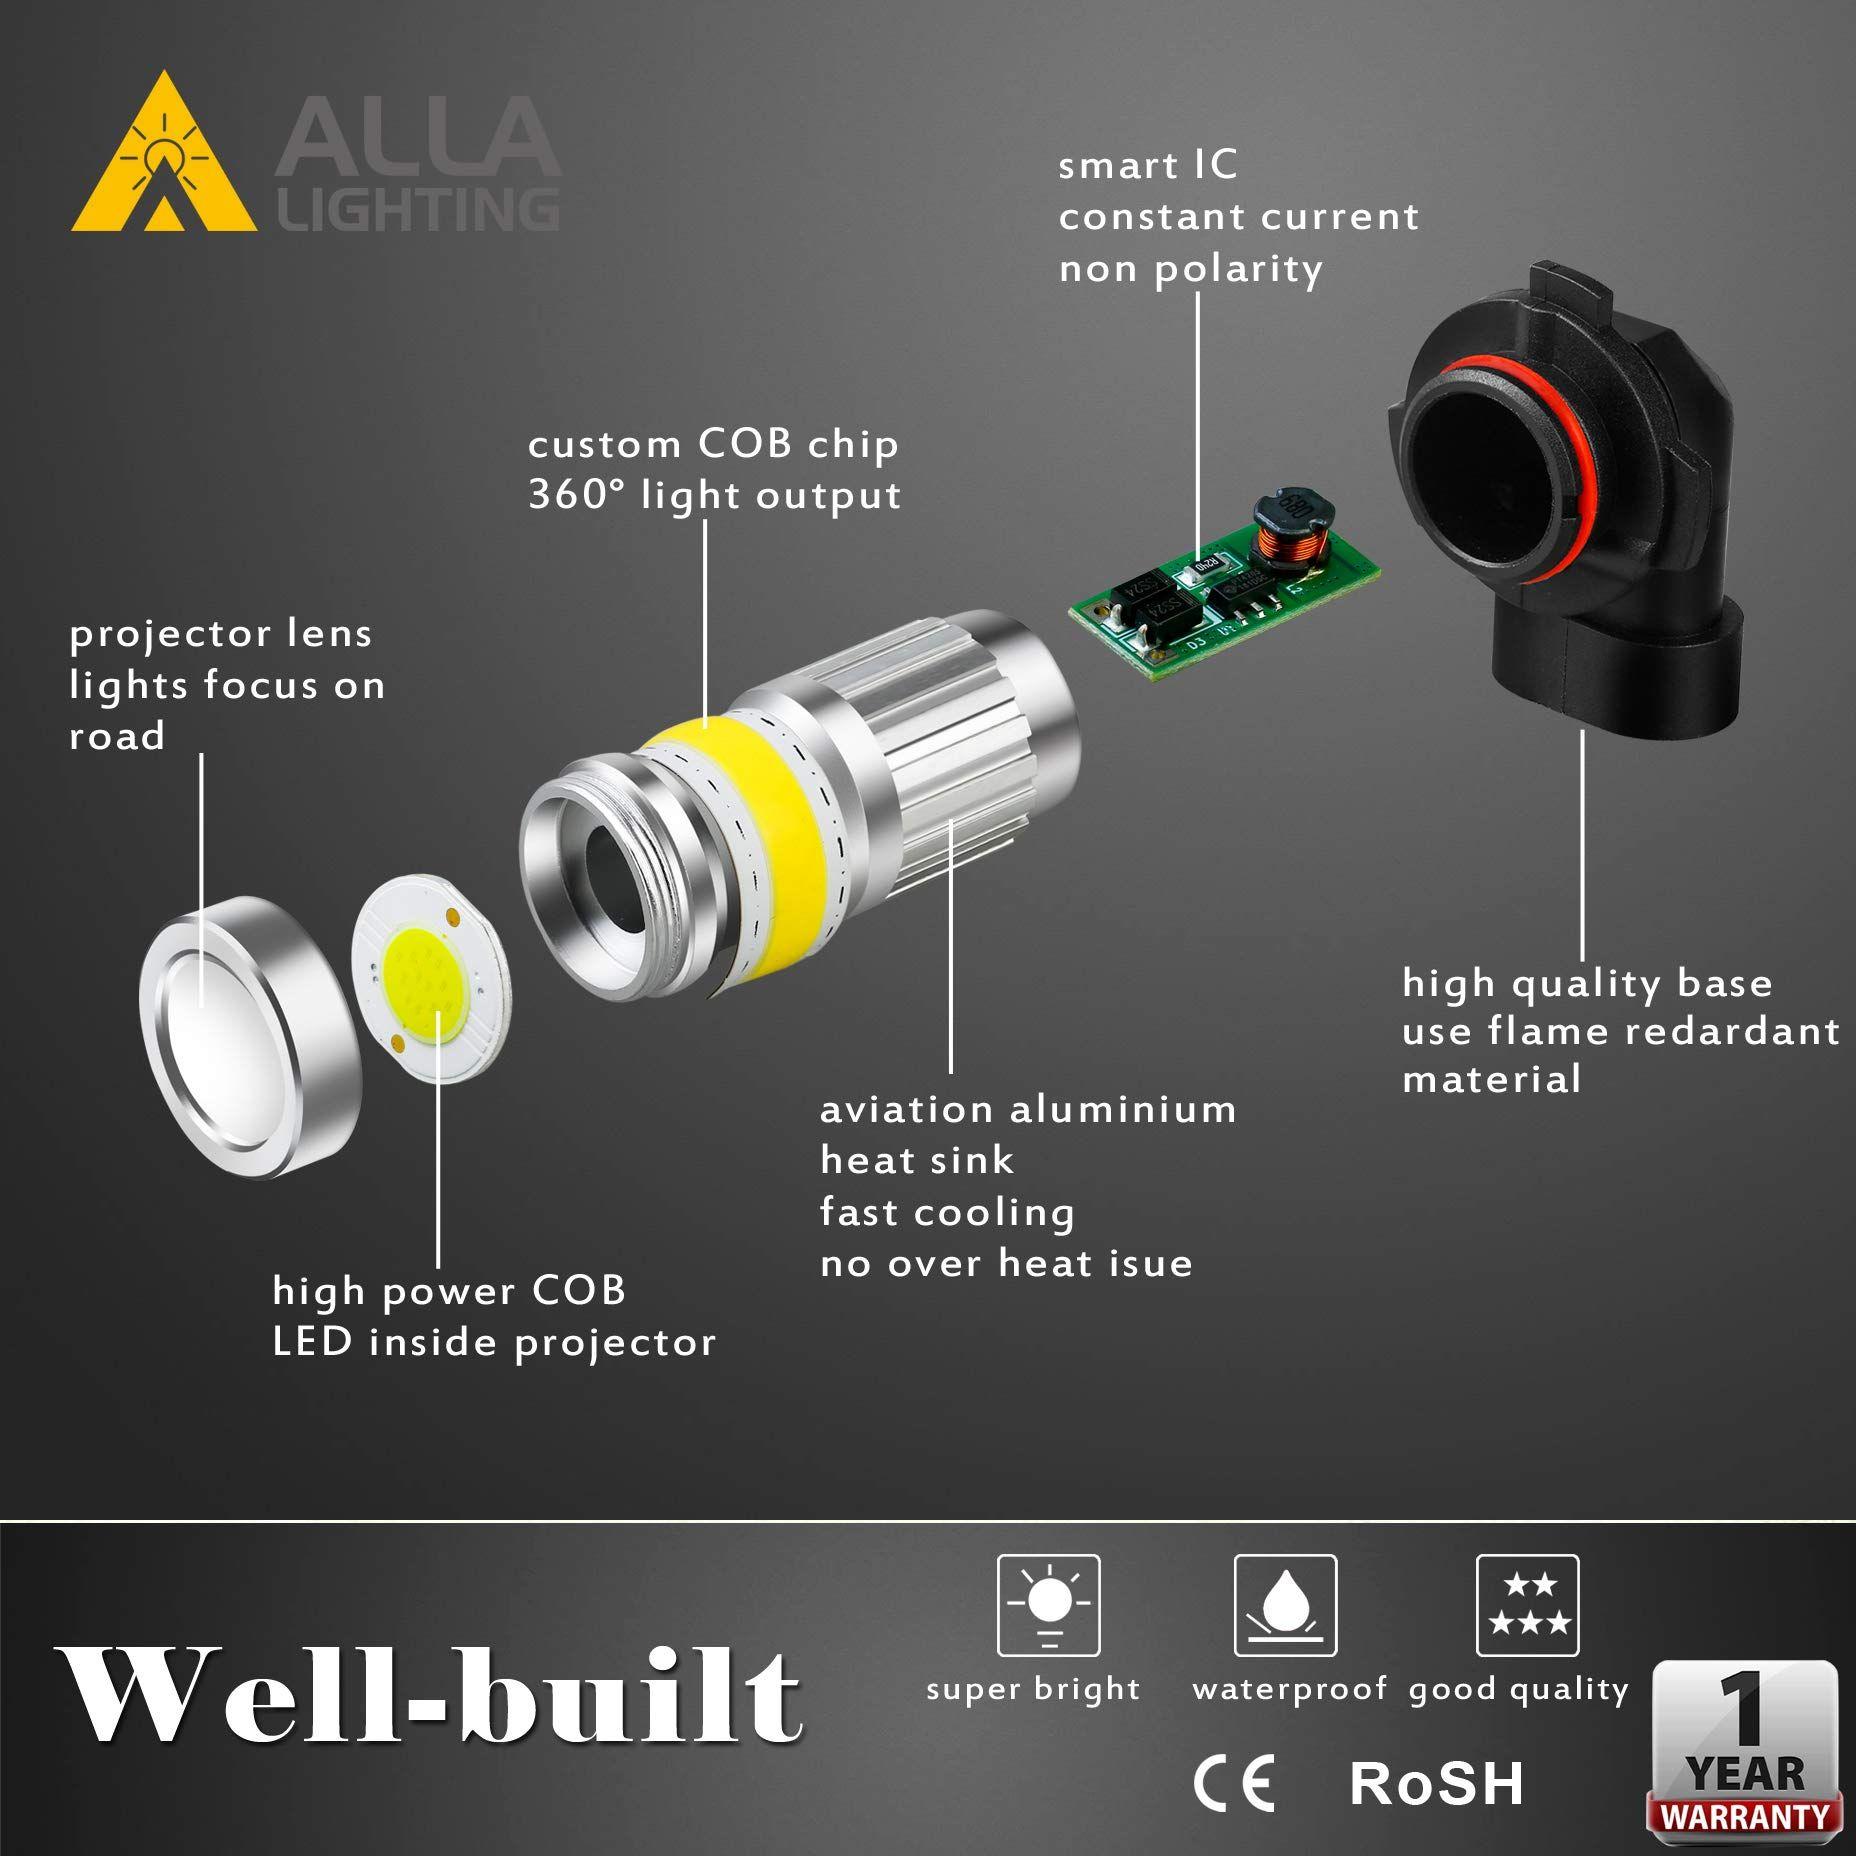 Alla Lighting Super Bright LED 9145 Driving Fog Light Bulb 6000K White Upgrade V